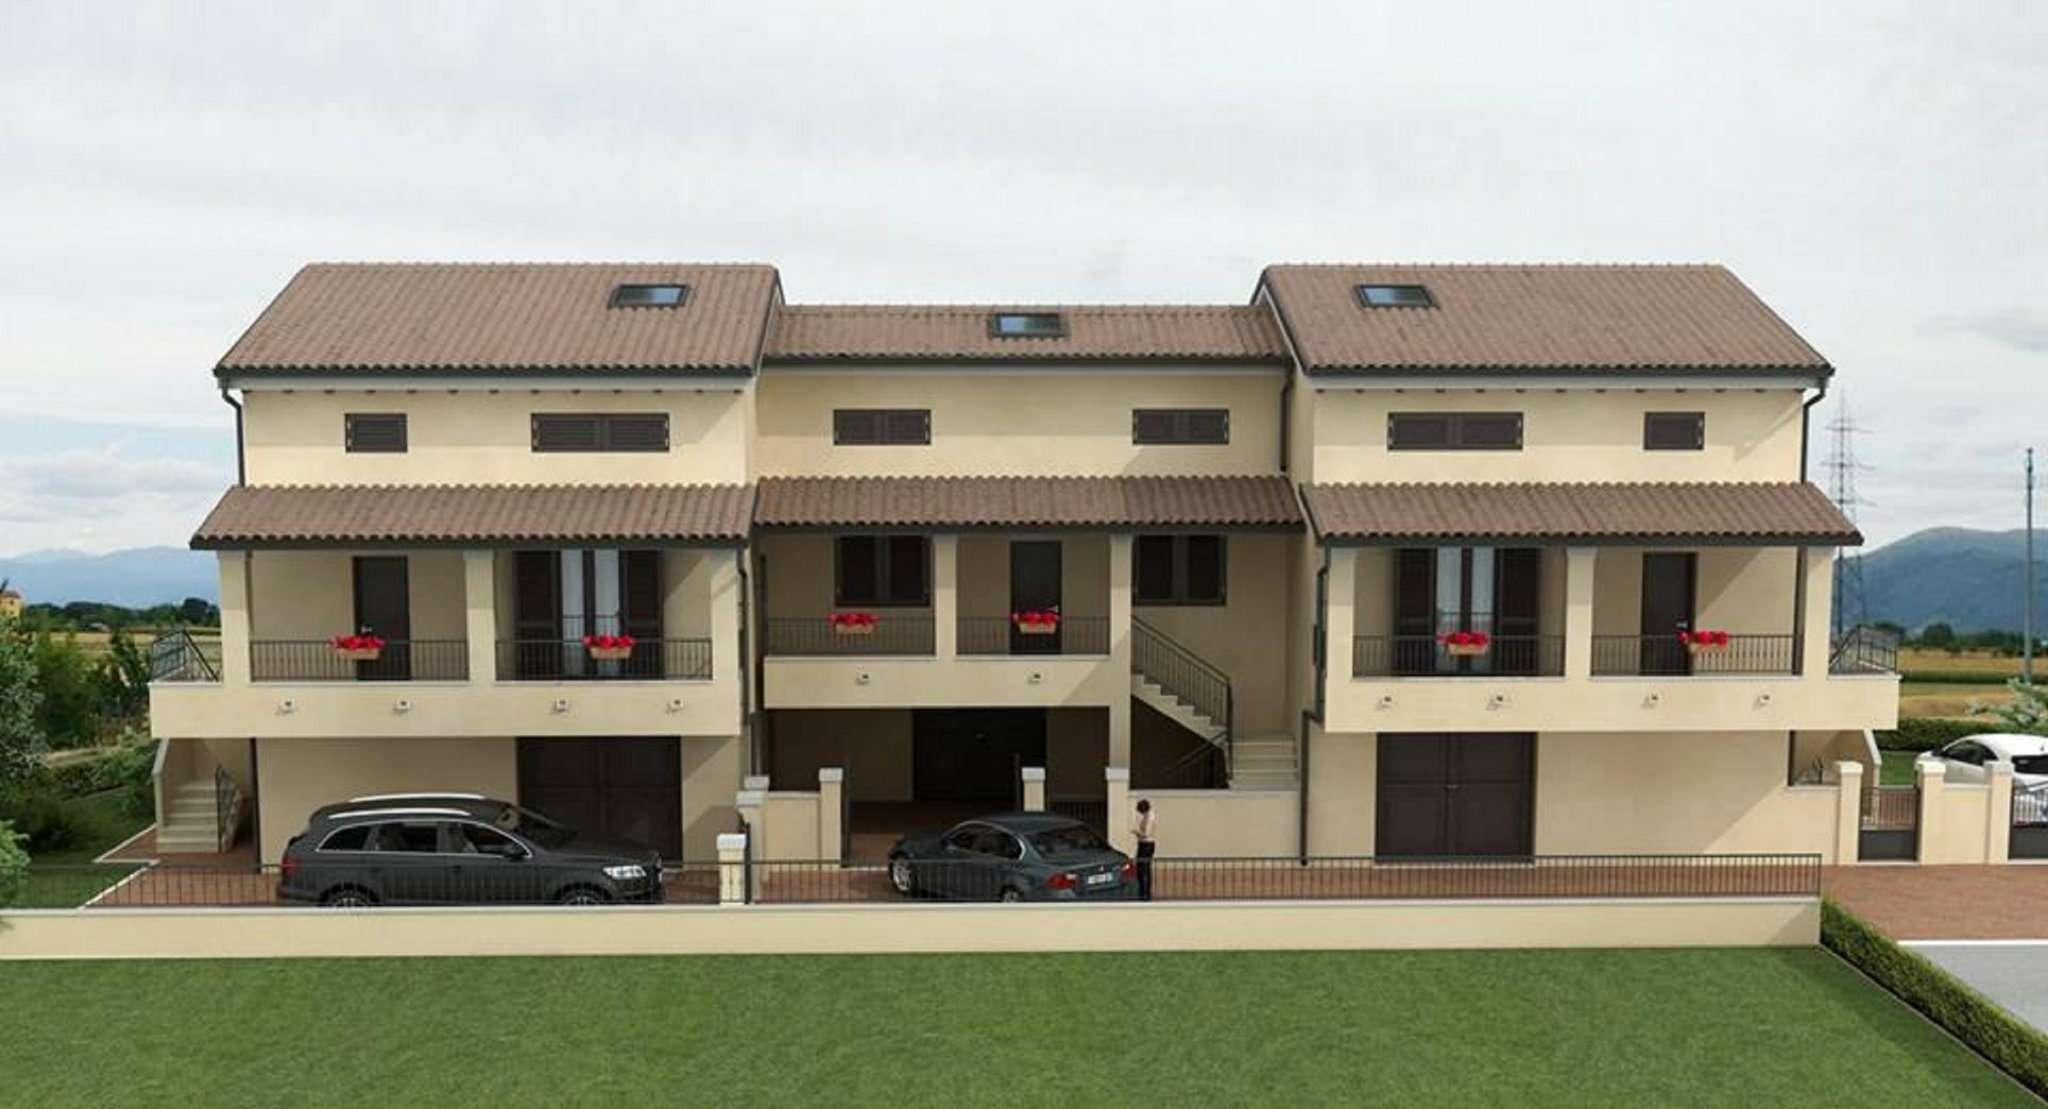 Palazzo / Stabile in vendita a Campi Bisenzio, 6 locali, prezzo € 350.000 | Cambio Casa.it